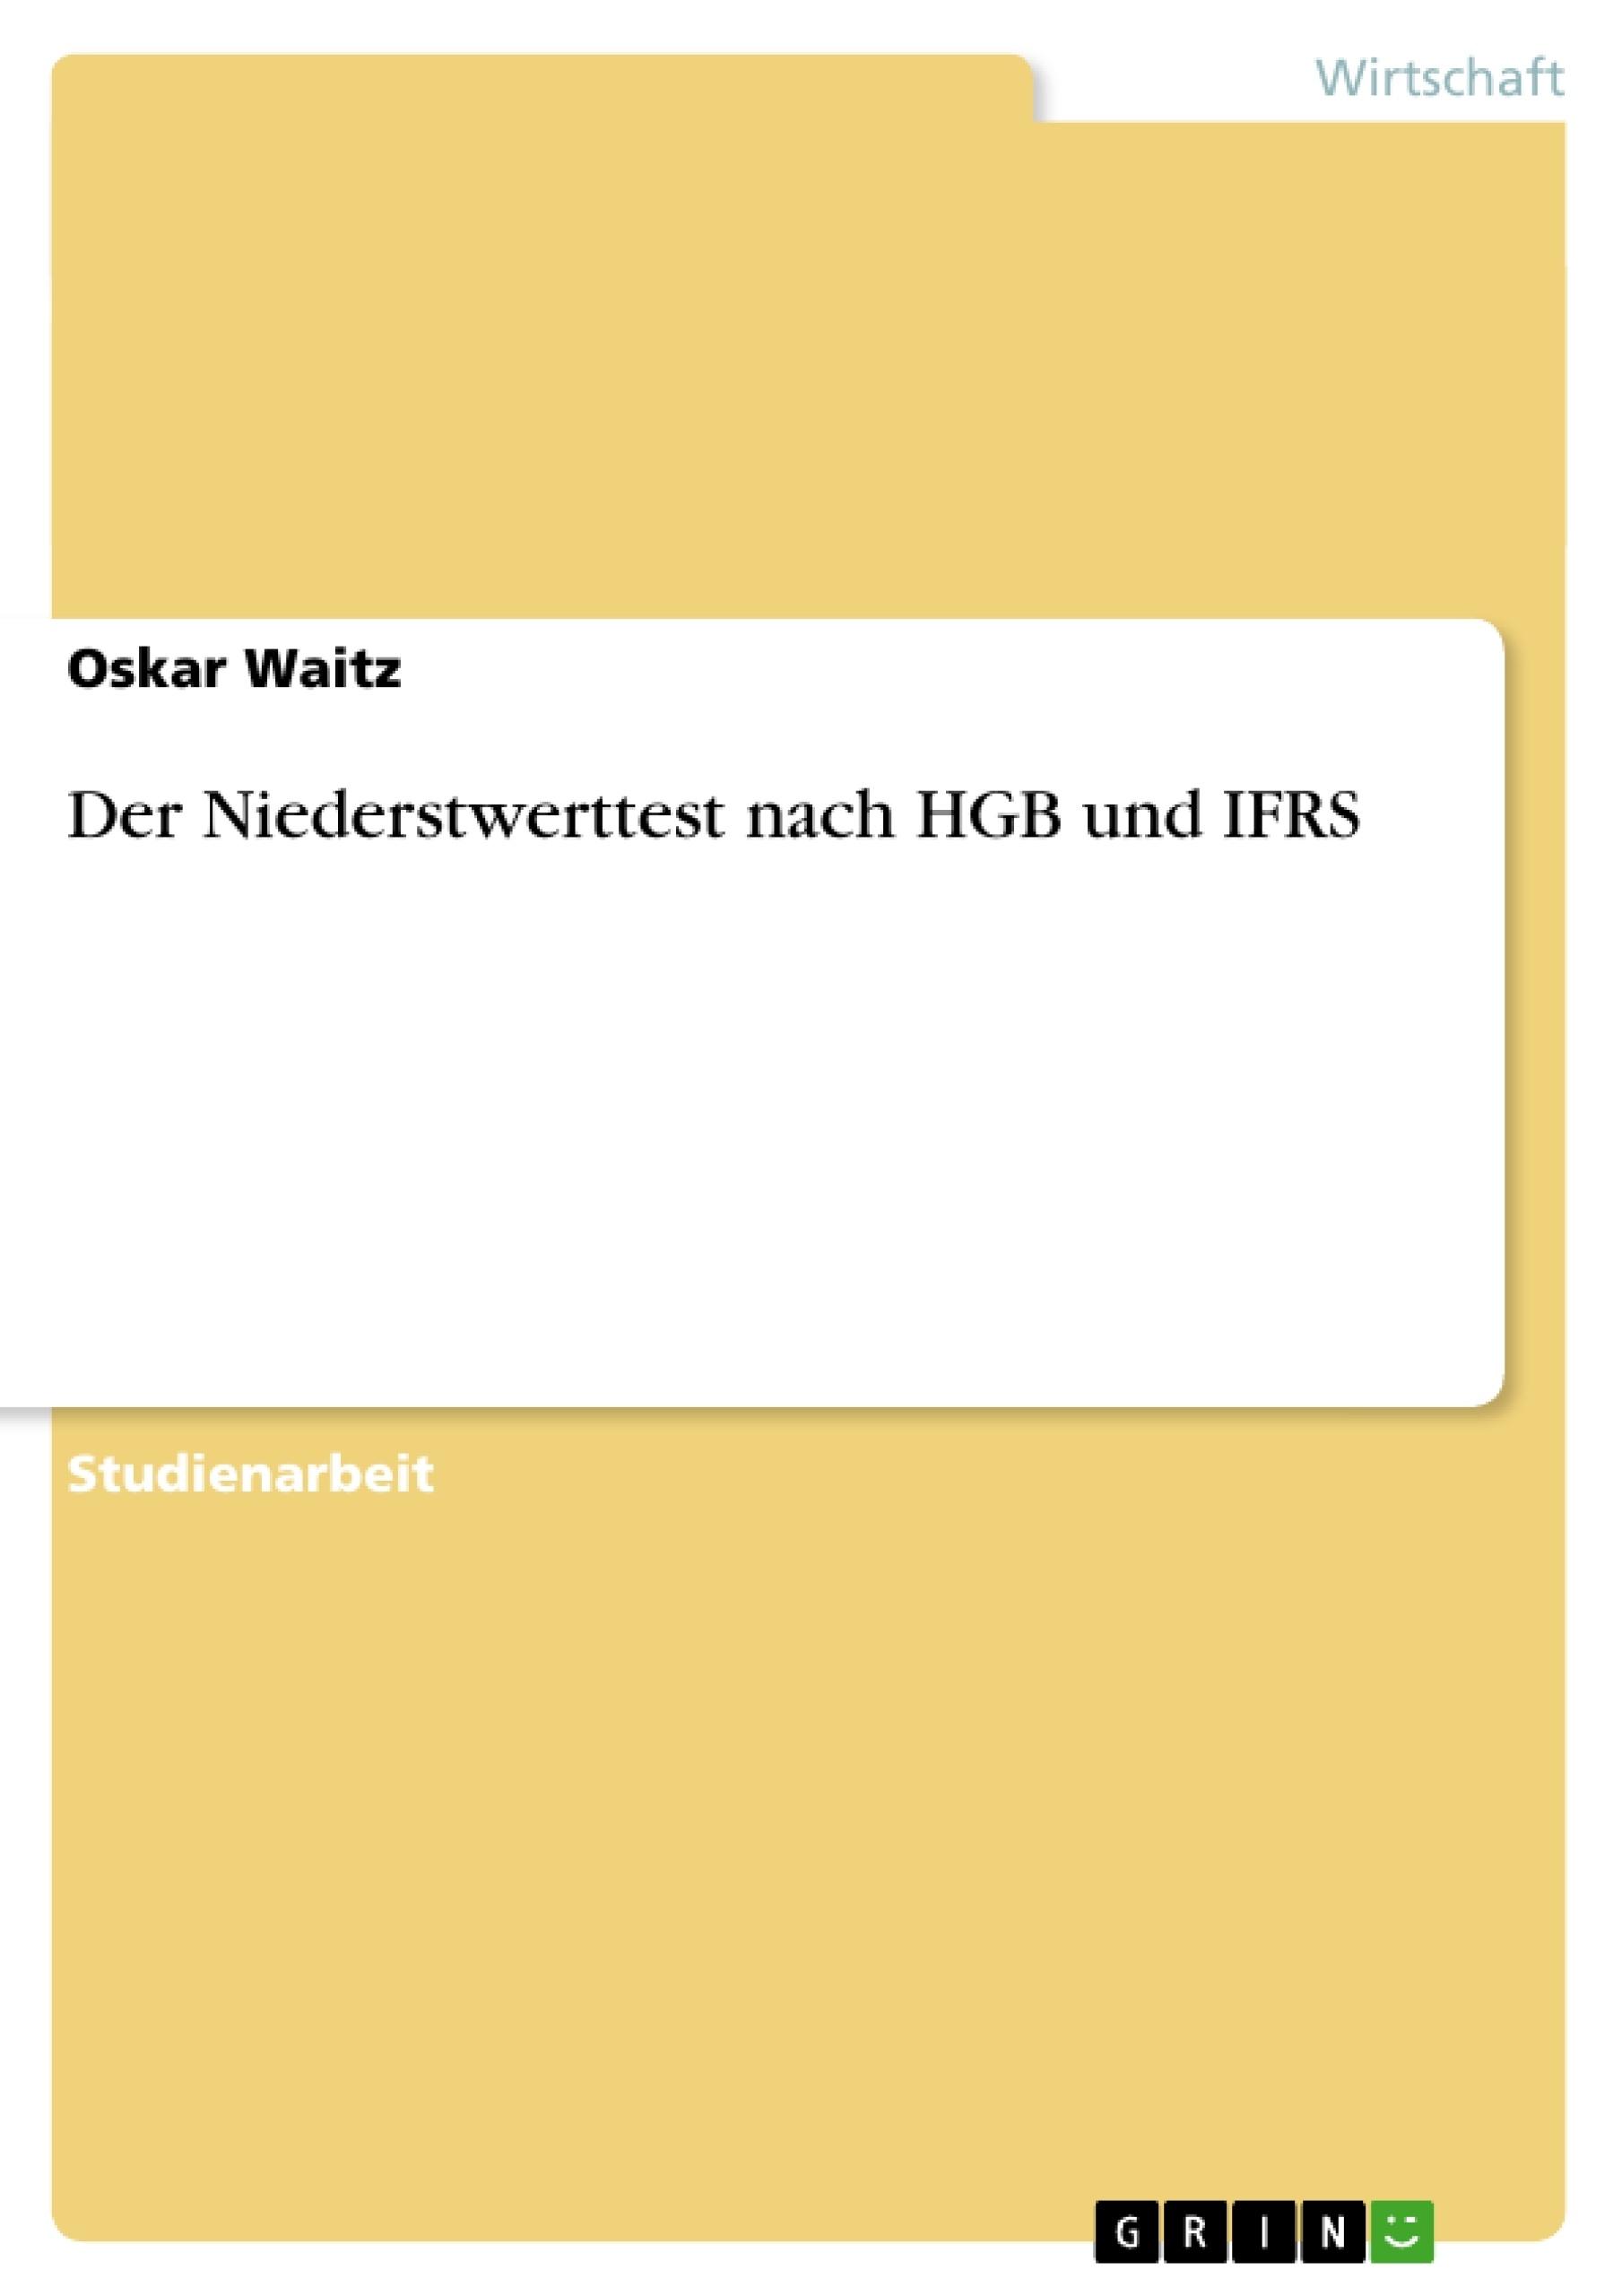 Titel: Der Niederstwerttest nach HGB und IFRS